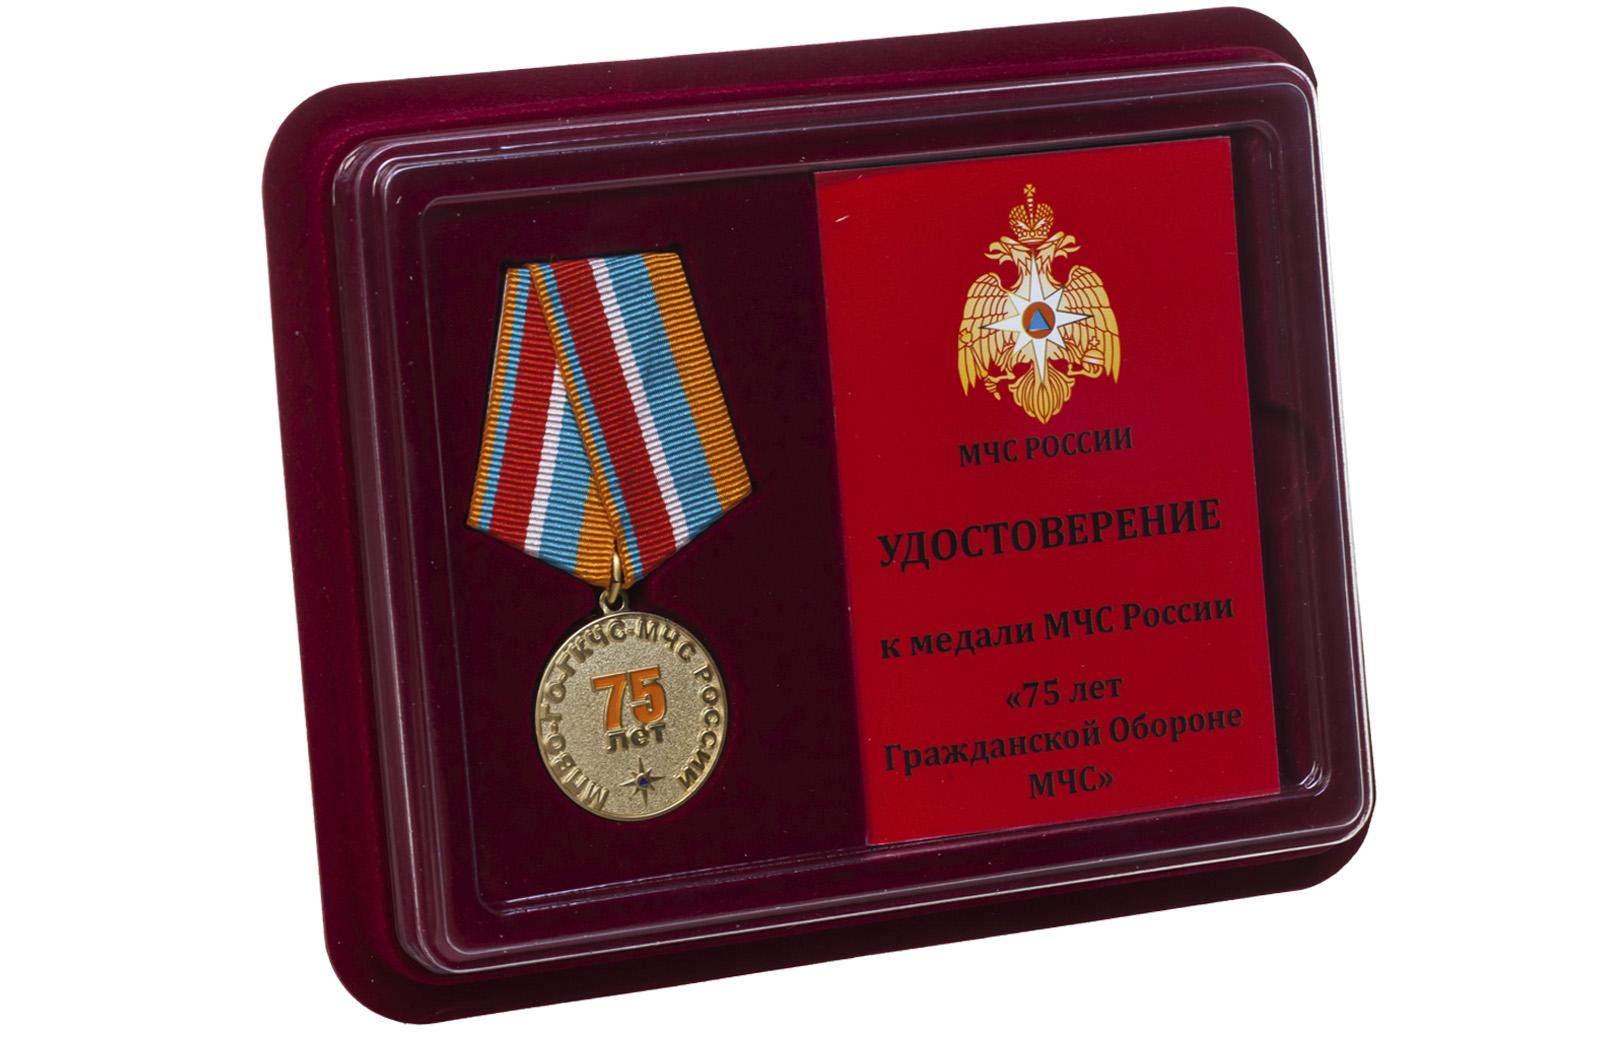 Купить медаль Гражданской обороне МЧС 75 лет оптом или в розницу